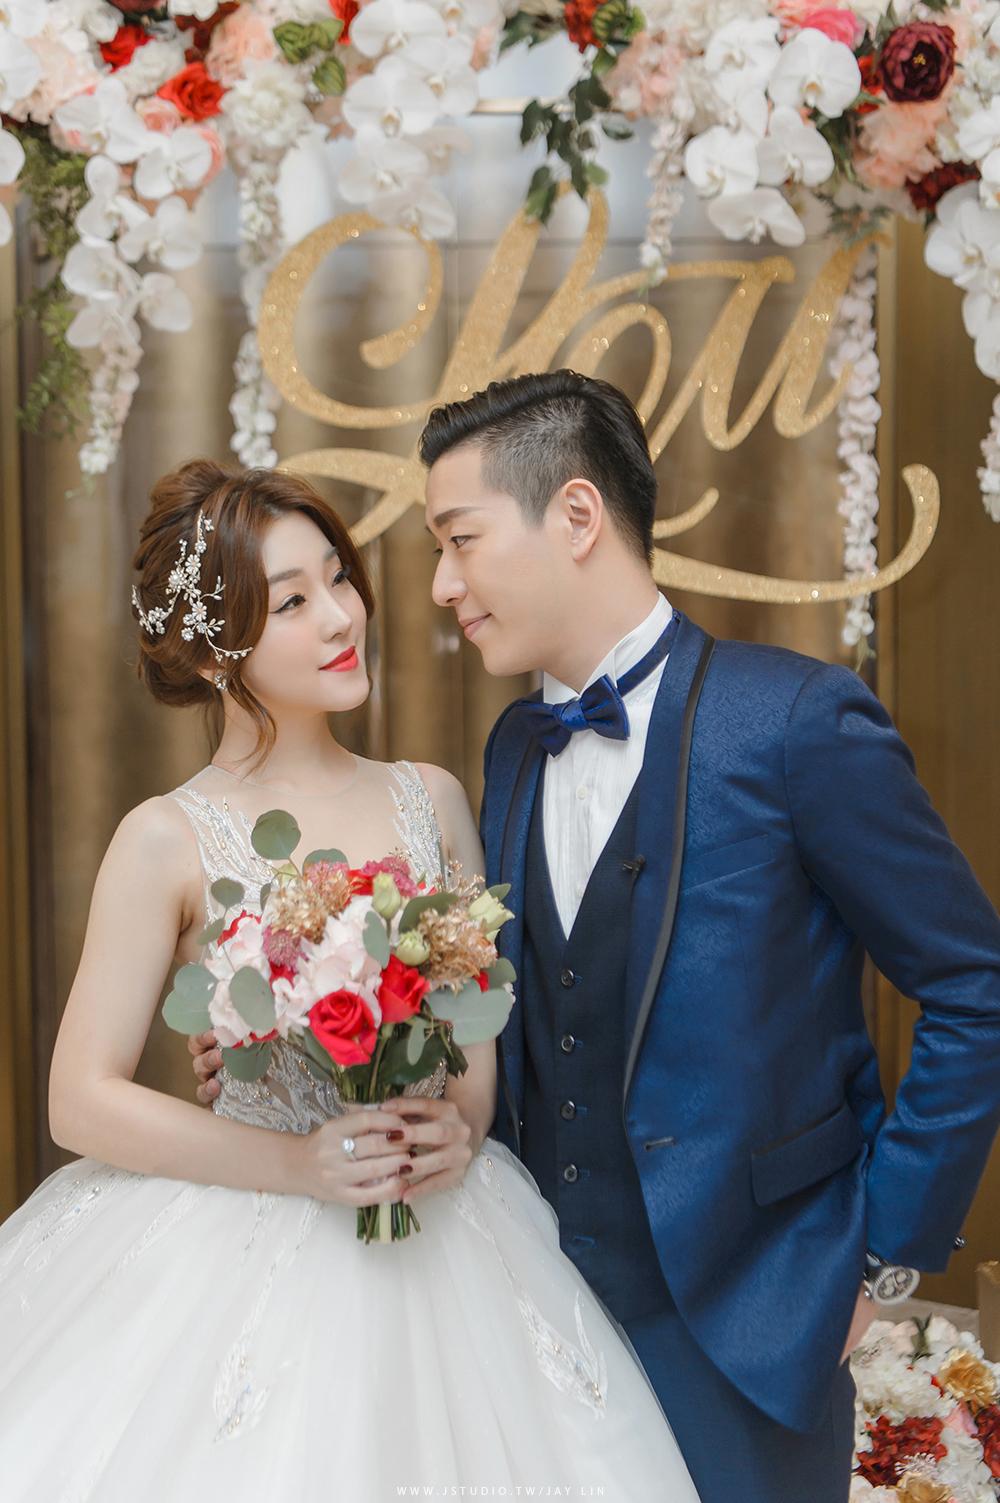 婚攝 台北婚攝 婚禮紀錄 推薦婚攝 美福大飯店JSTUDIO_0141